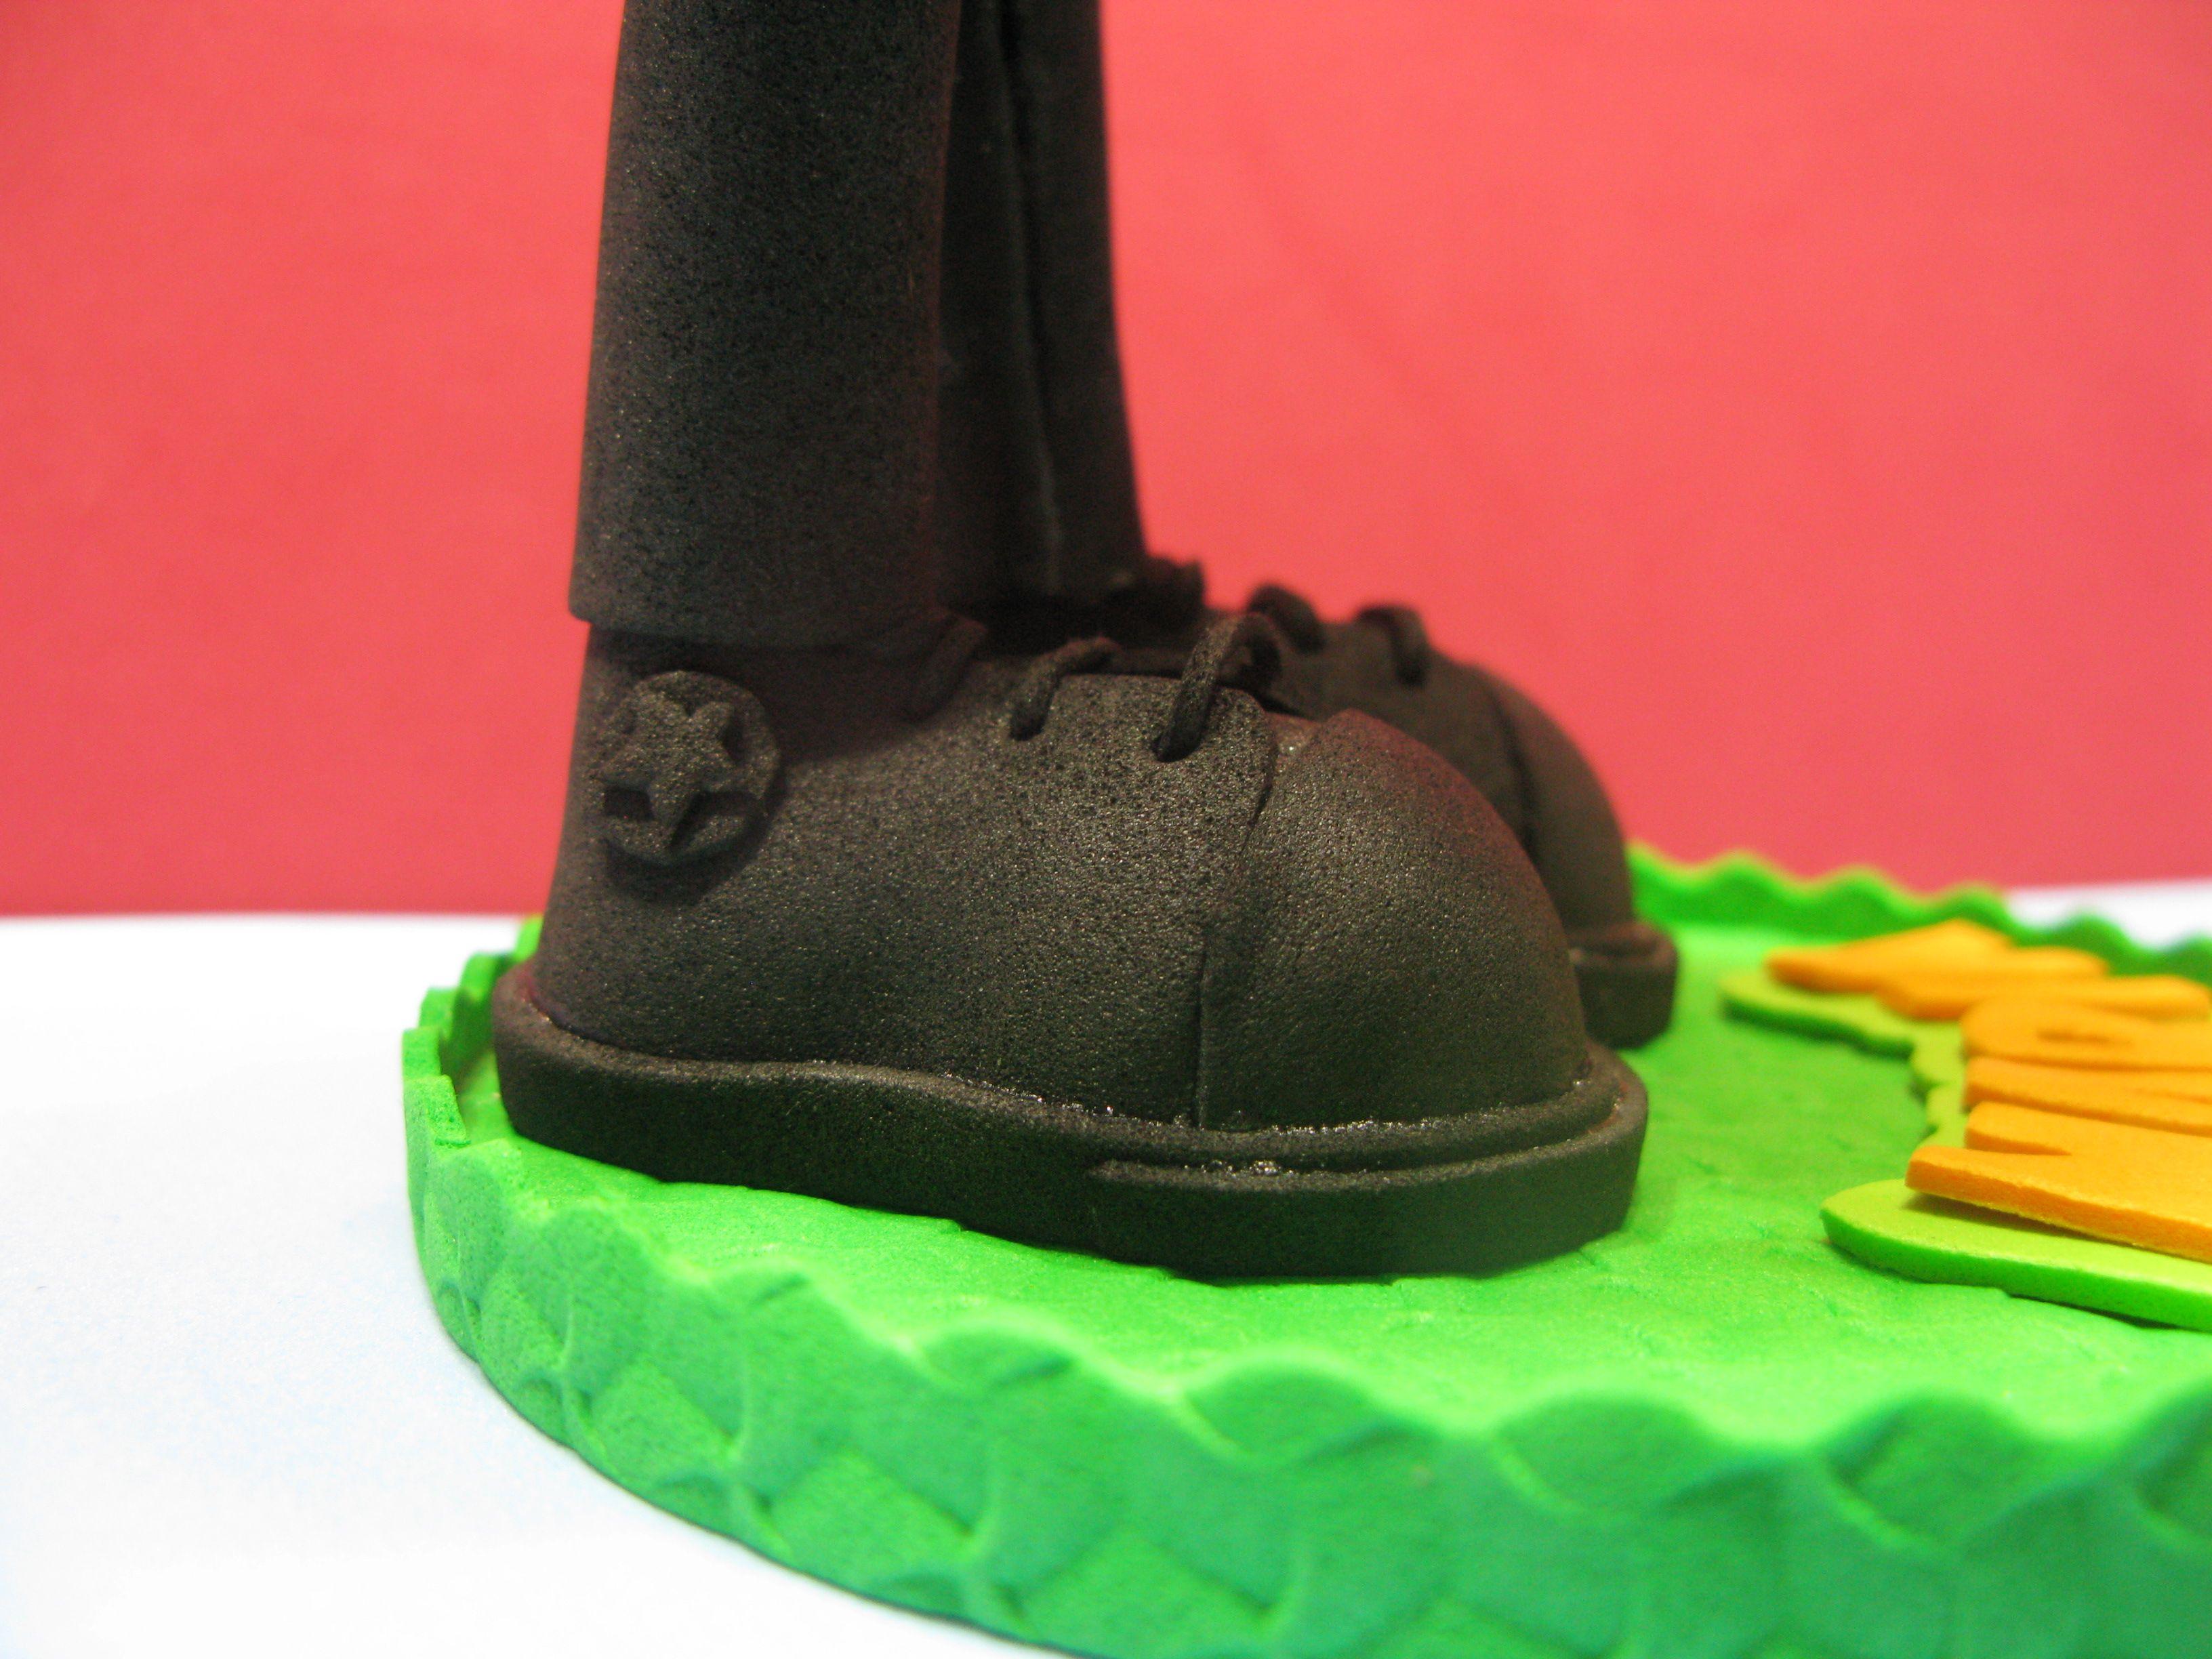 Zapatos CONVERSE de media bota.